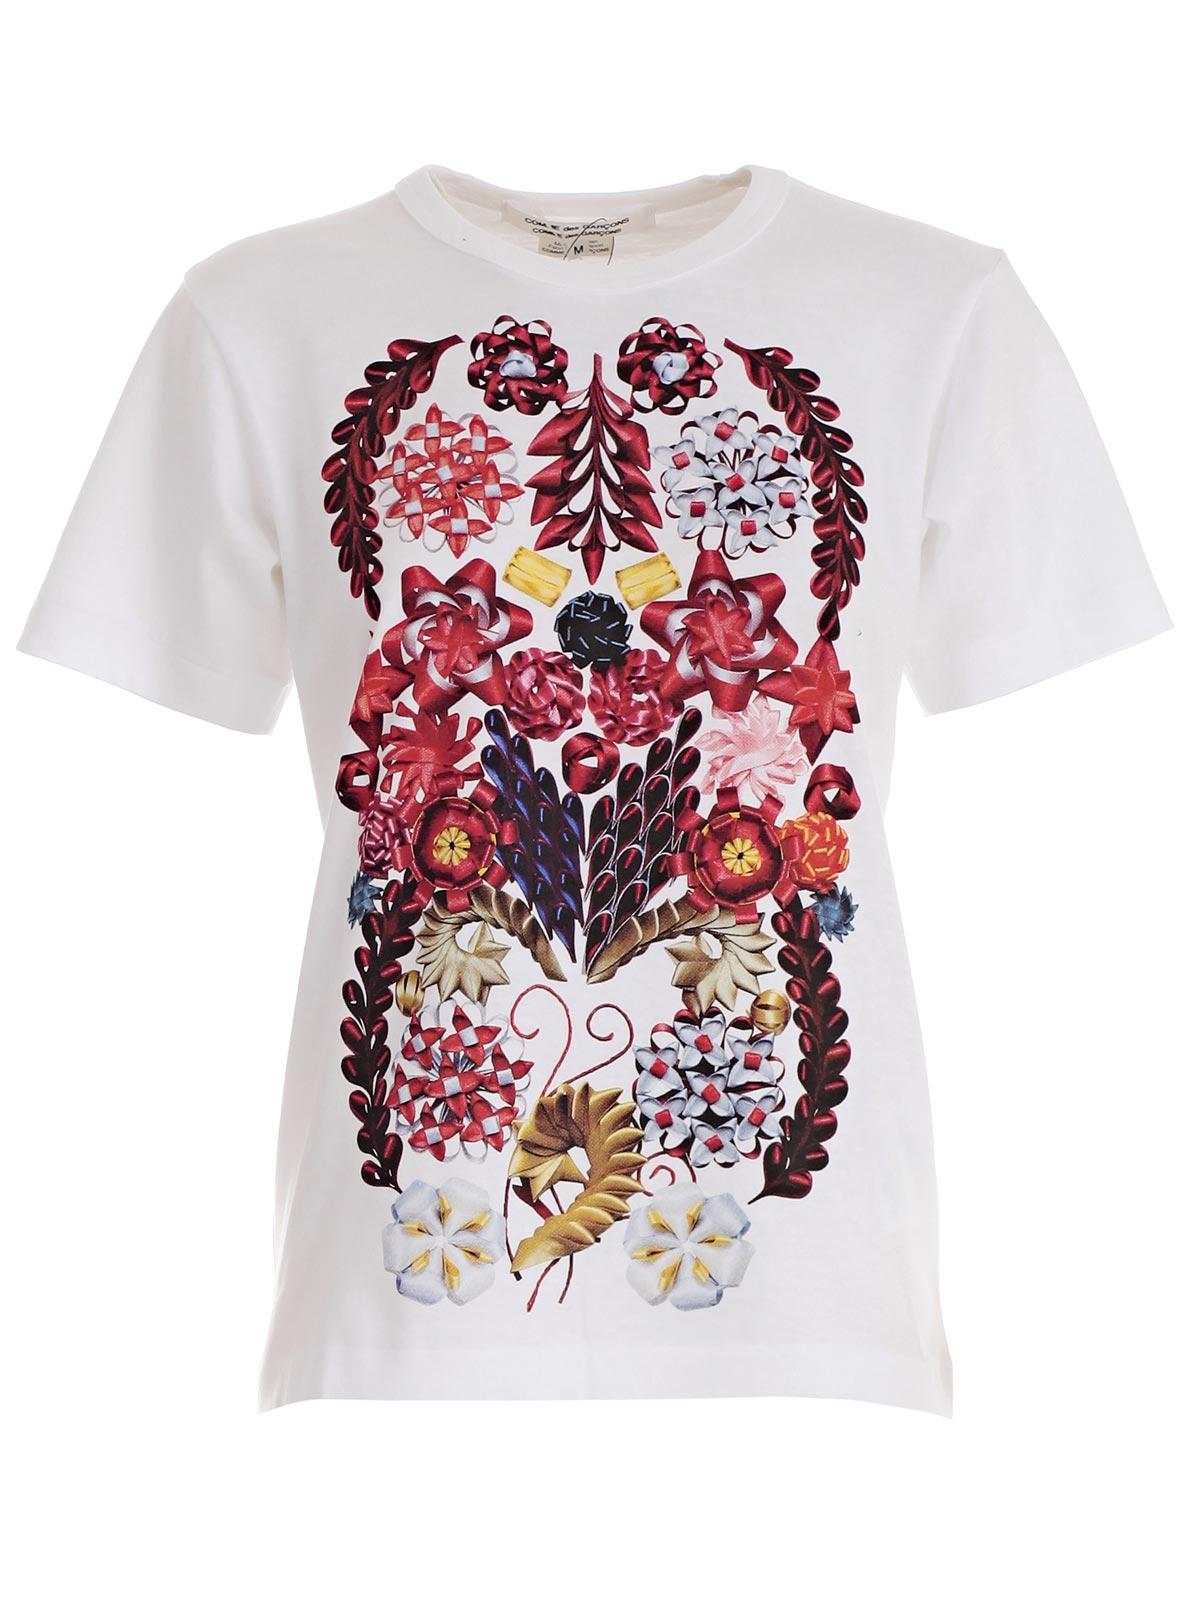 Picture of Commes Des Garcons - Comme Des Garcons T-Shirt